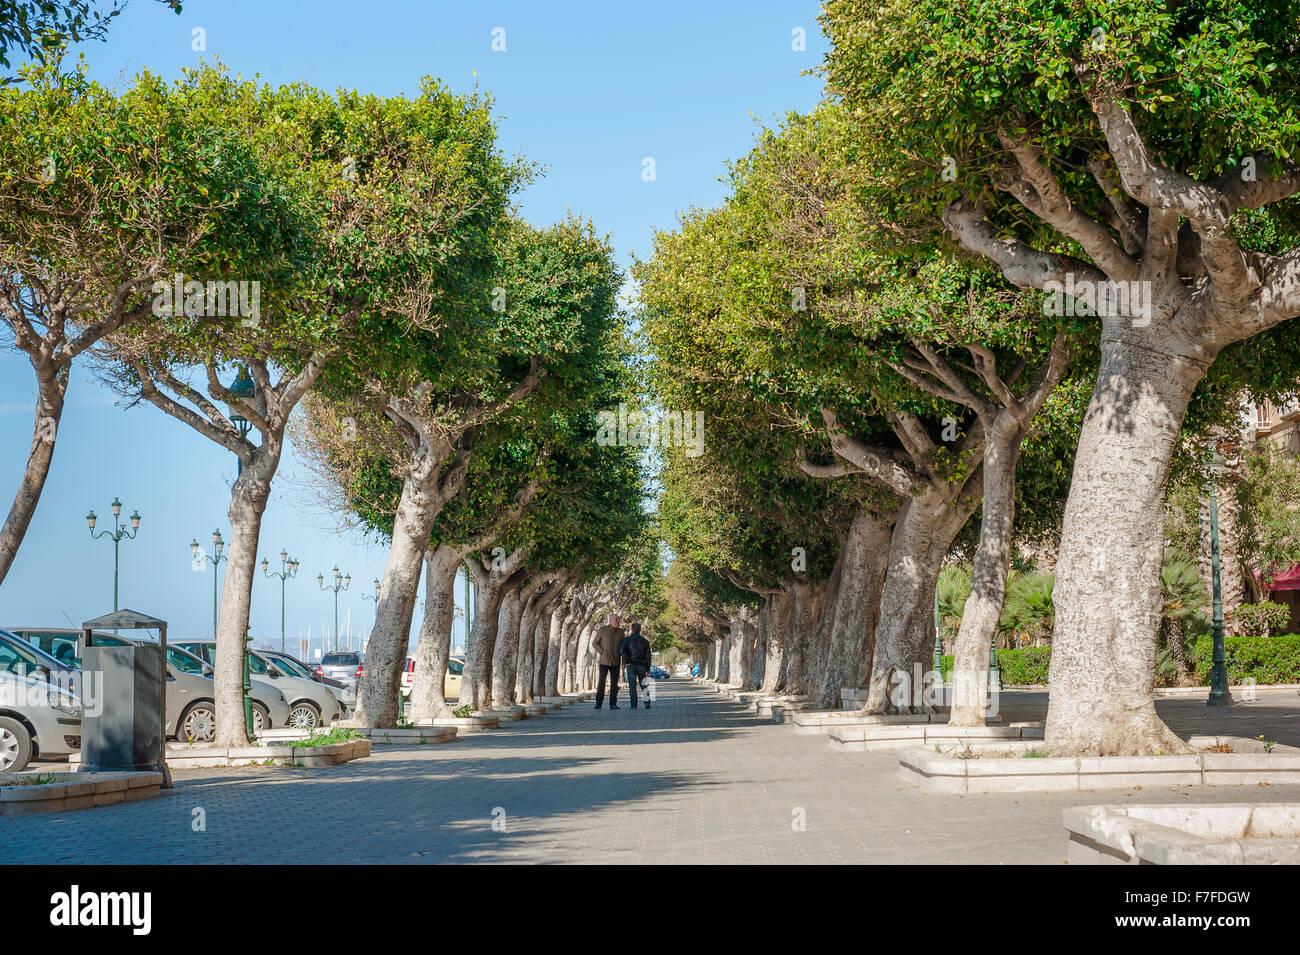 Front de mer de Trapani, un boulevard ombragé au bord de l'eau dans la zone du port de Trapani, en Sicile. Photo Stock